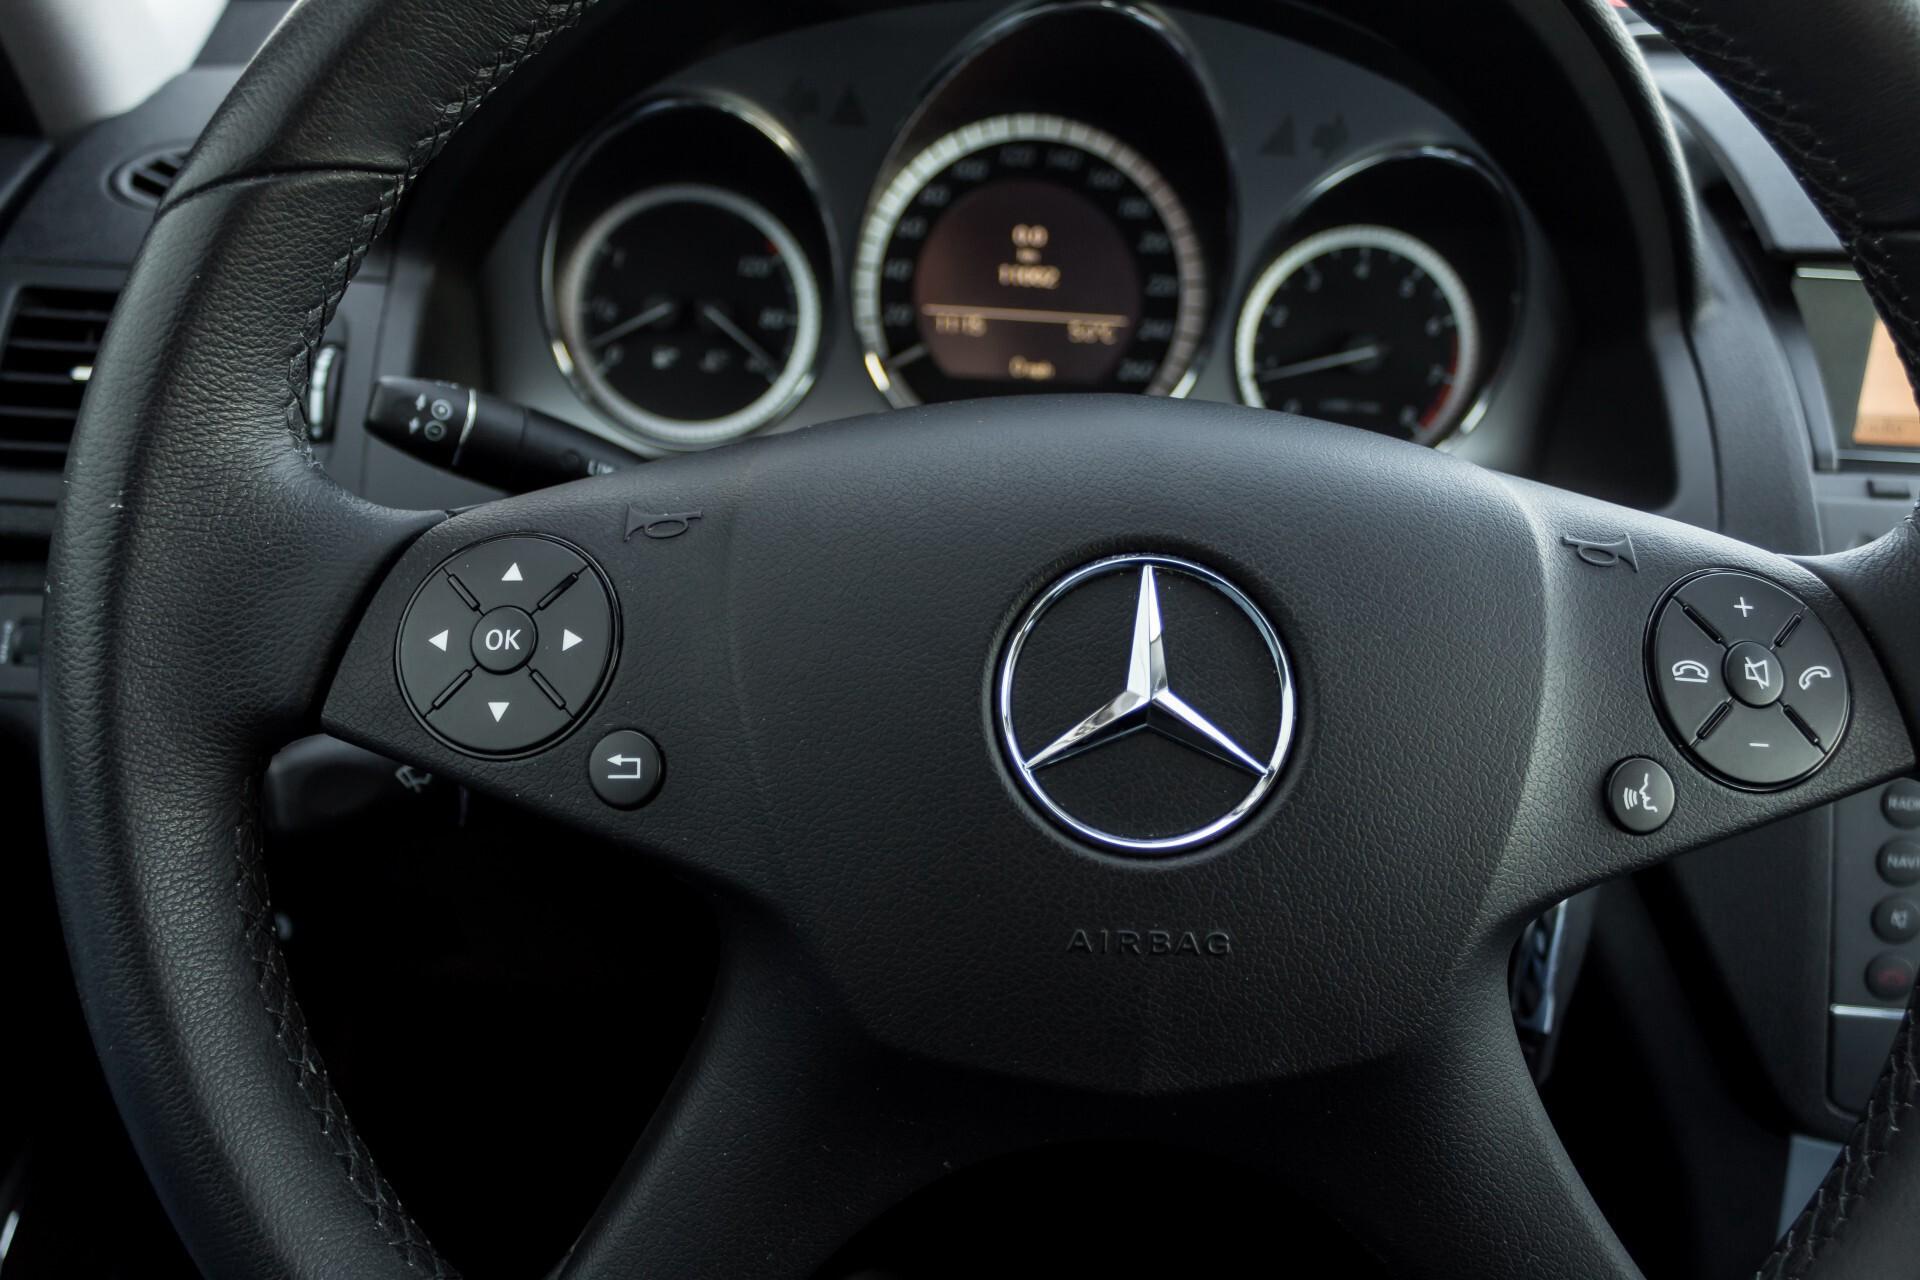 Mercedes-Benz C-Klasse 180 K Avantgarde 1ste eigenaar/NL geleverd/Dealer onderhouden/Volledig gedocumenteerd Foto 9